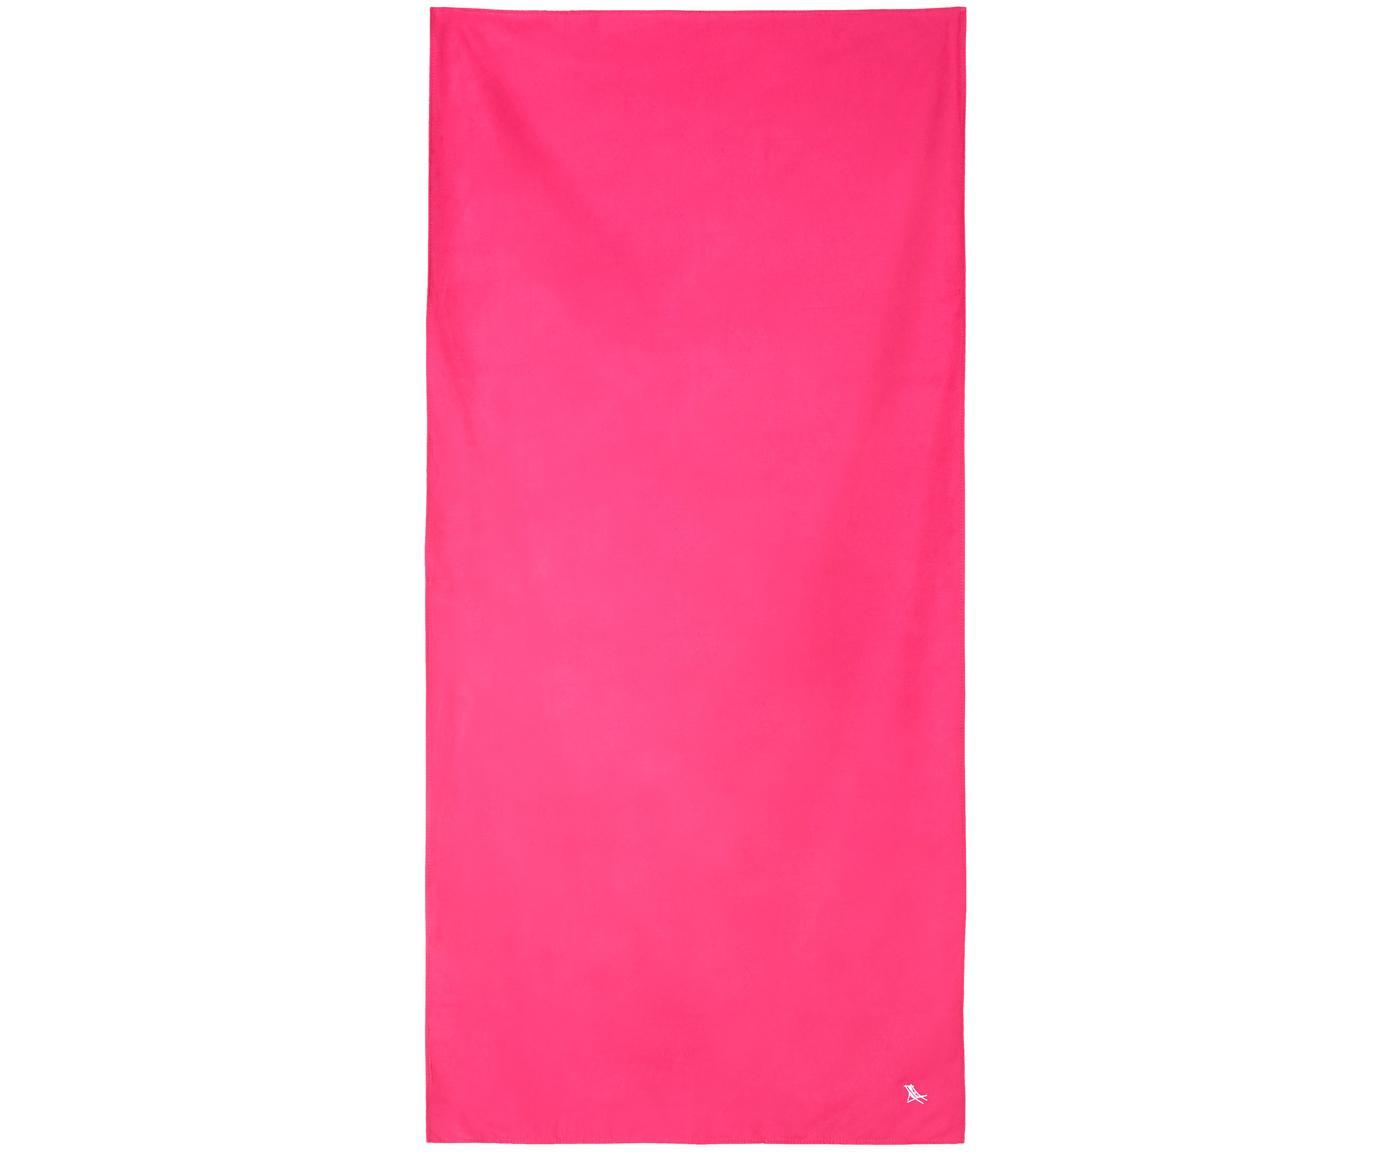 Telo mare in microfibra Classic, ad asciugatura rapida, Microfibra (80% poliestere, 20% poliammide), Rosa, Larg. 90 x Lung. 200 cm